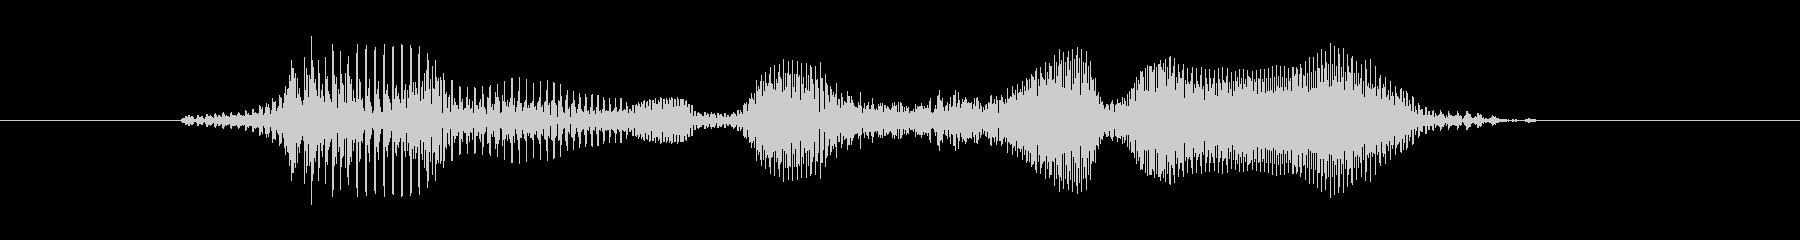 ラウンドスリーの未再生の波形